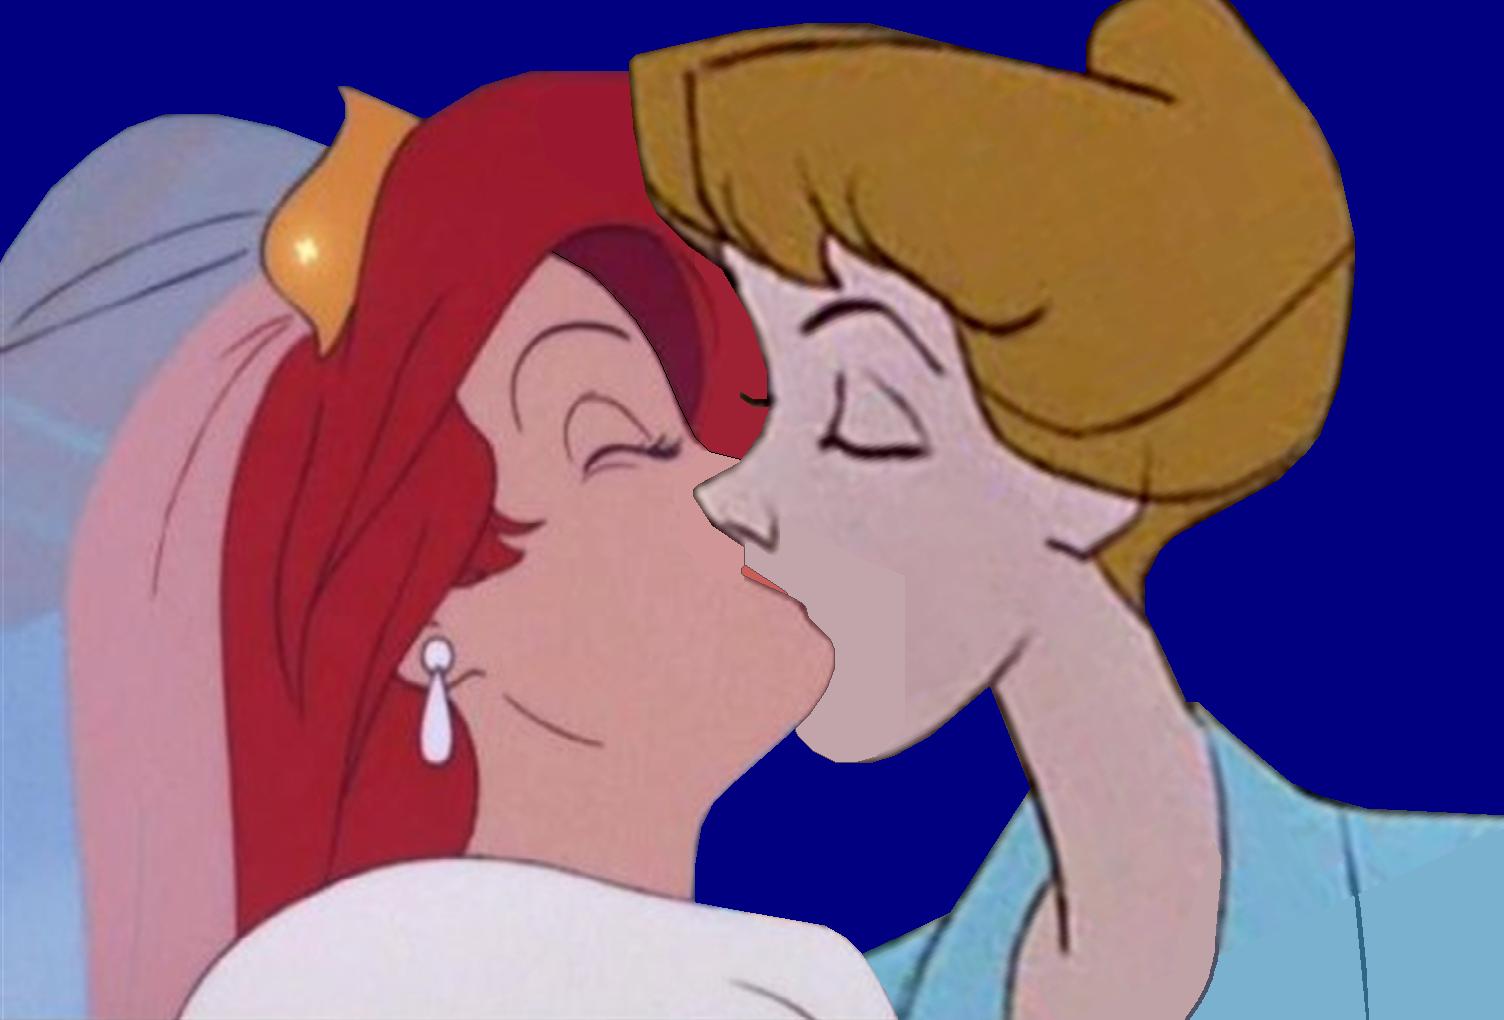 Ariel/Anita